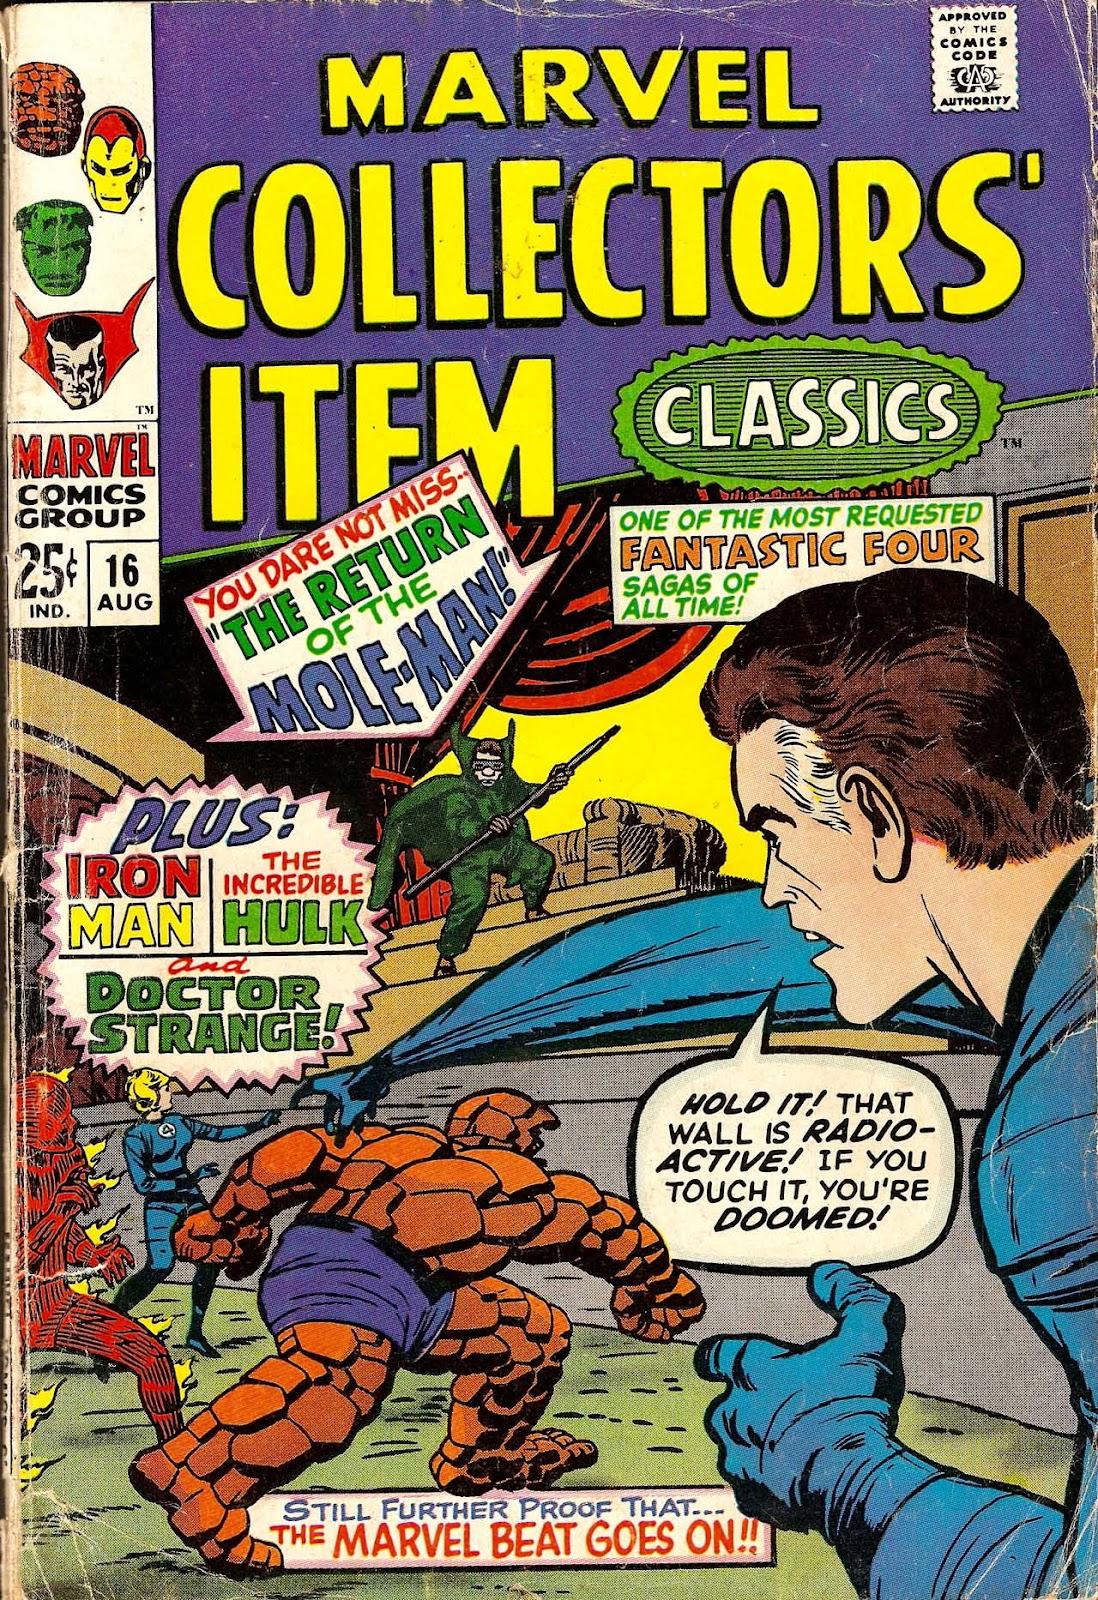 Marvel Collectors Item Classics 16 Page 1